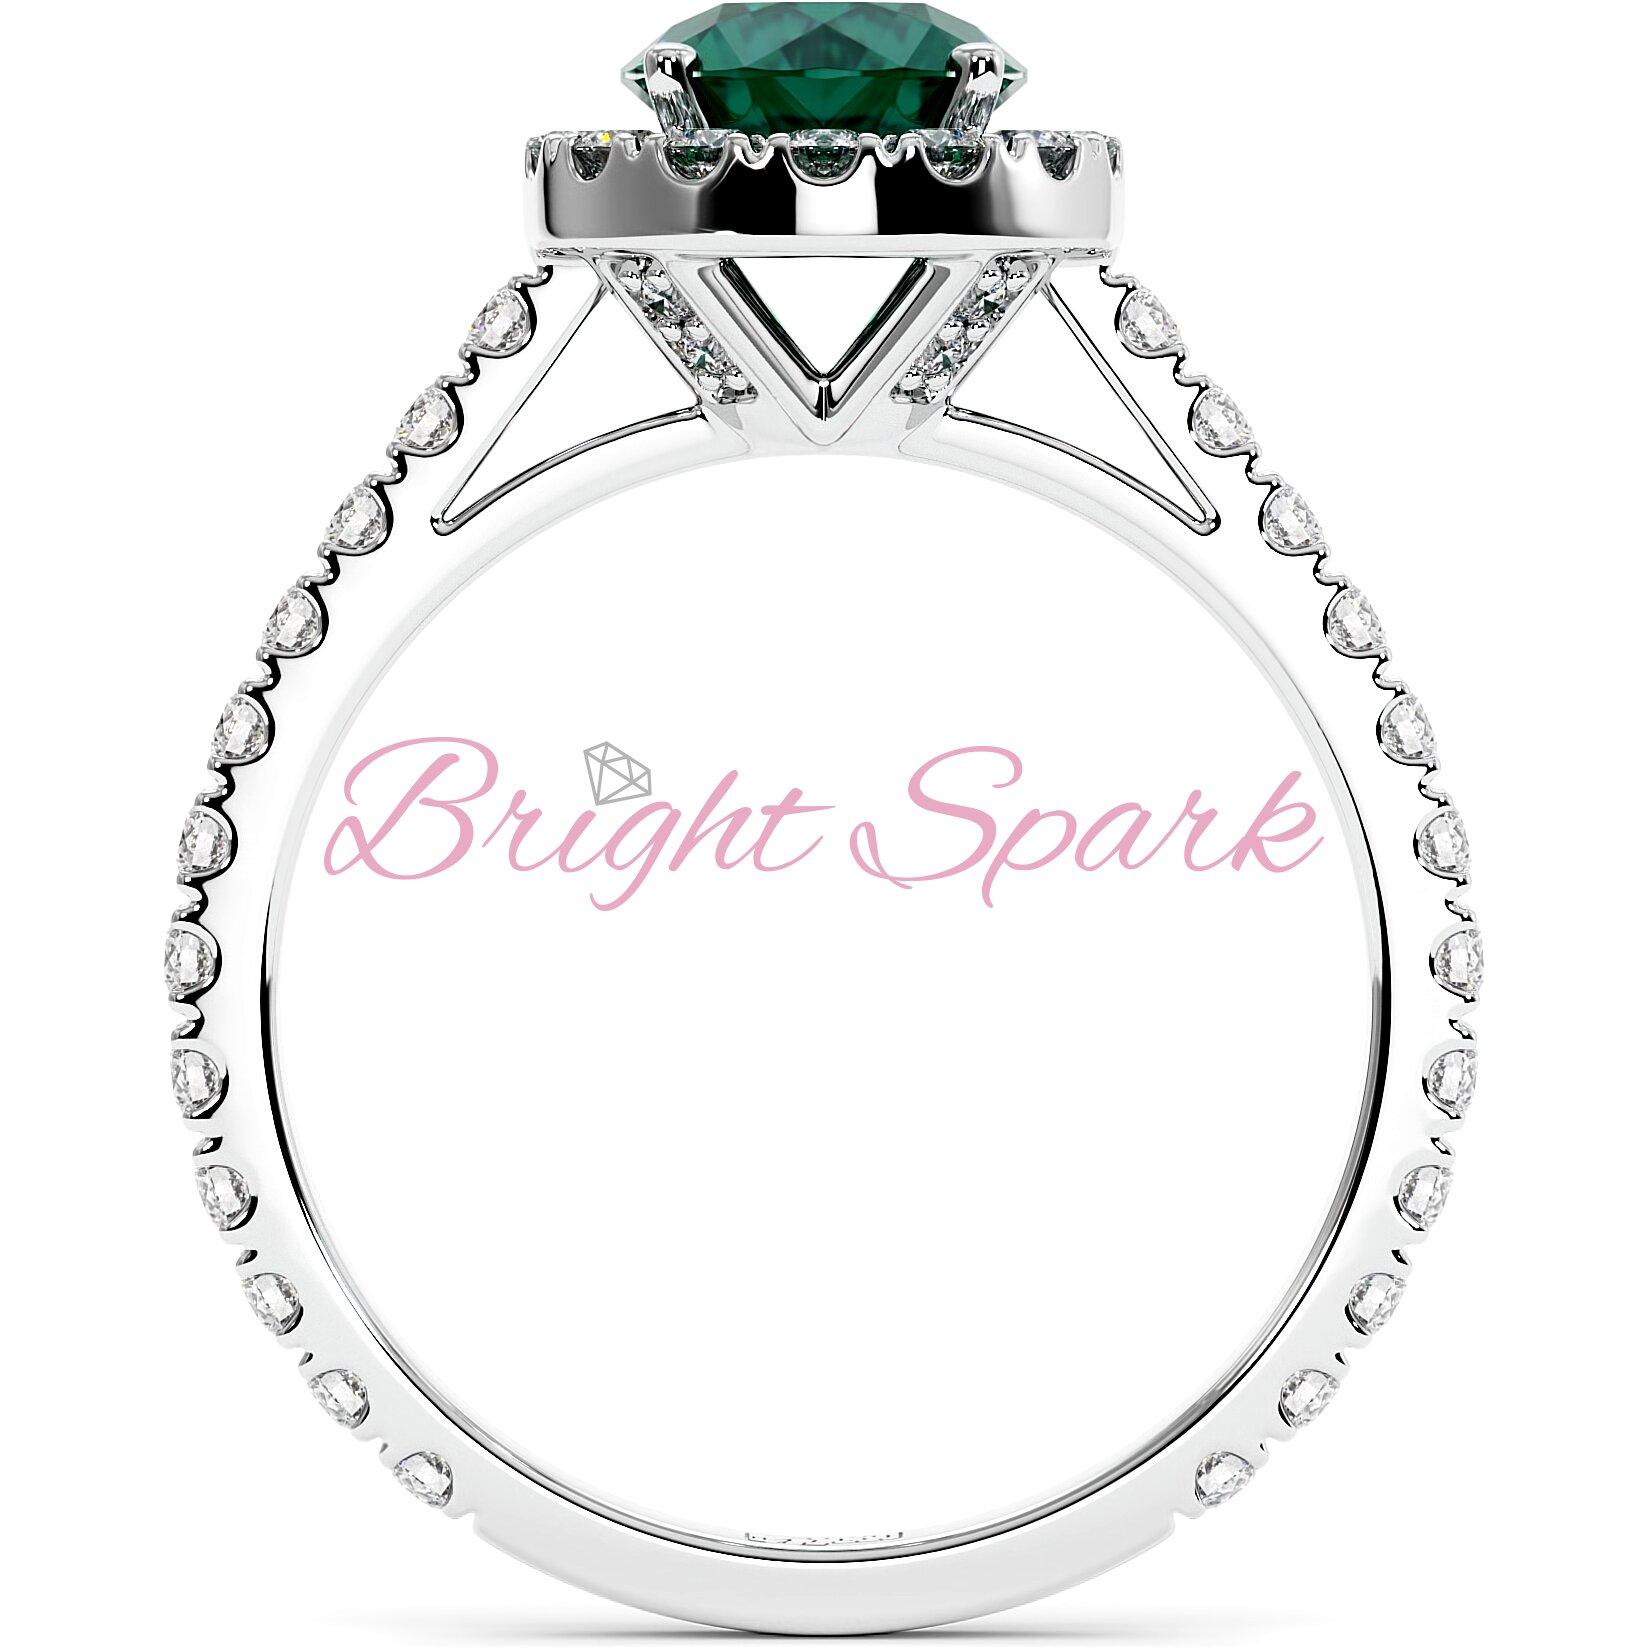 Женственное кольцо белого золота с изумрудом 1 карат, ореолом и дорожкой